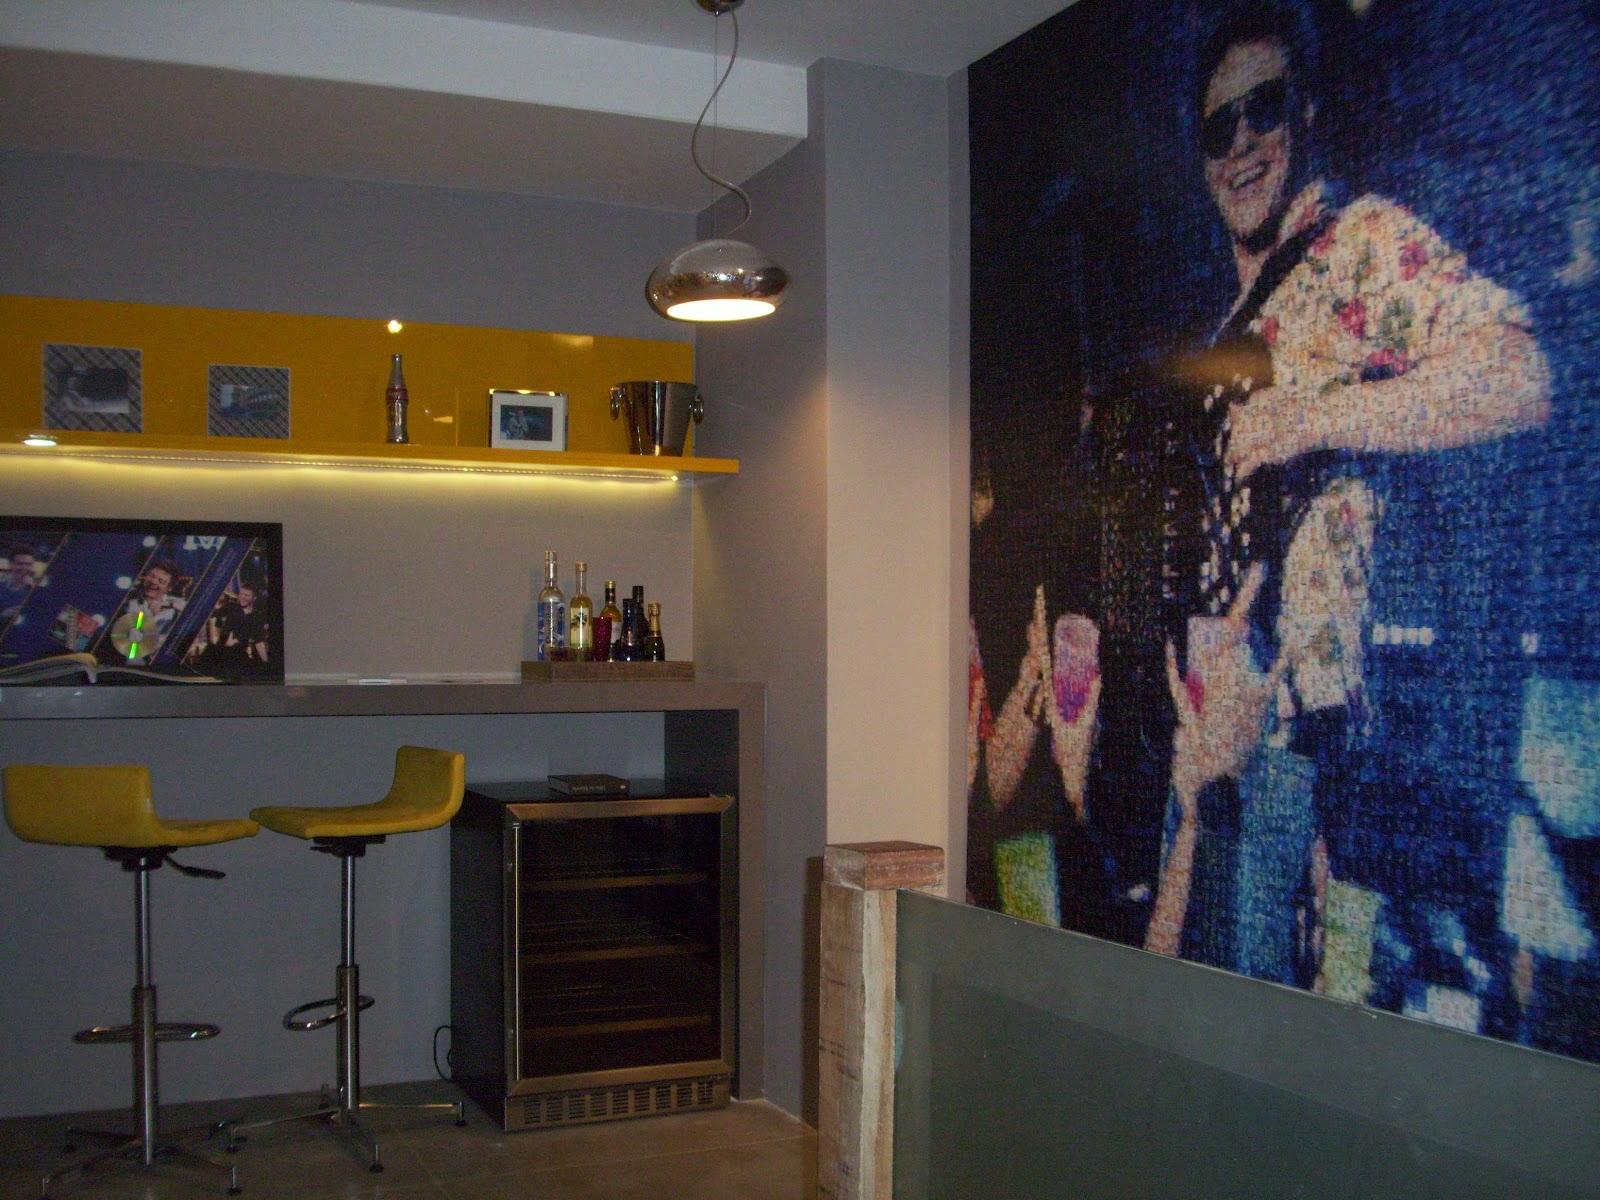 destaque para as portas articuladas [também laqueadas] amarelas #A0872B 1600x1200 Banheiro Com Pastilhas Amarelas